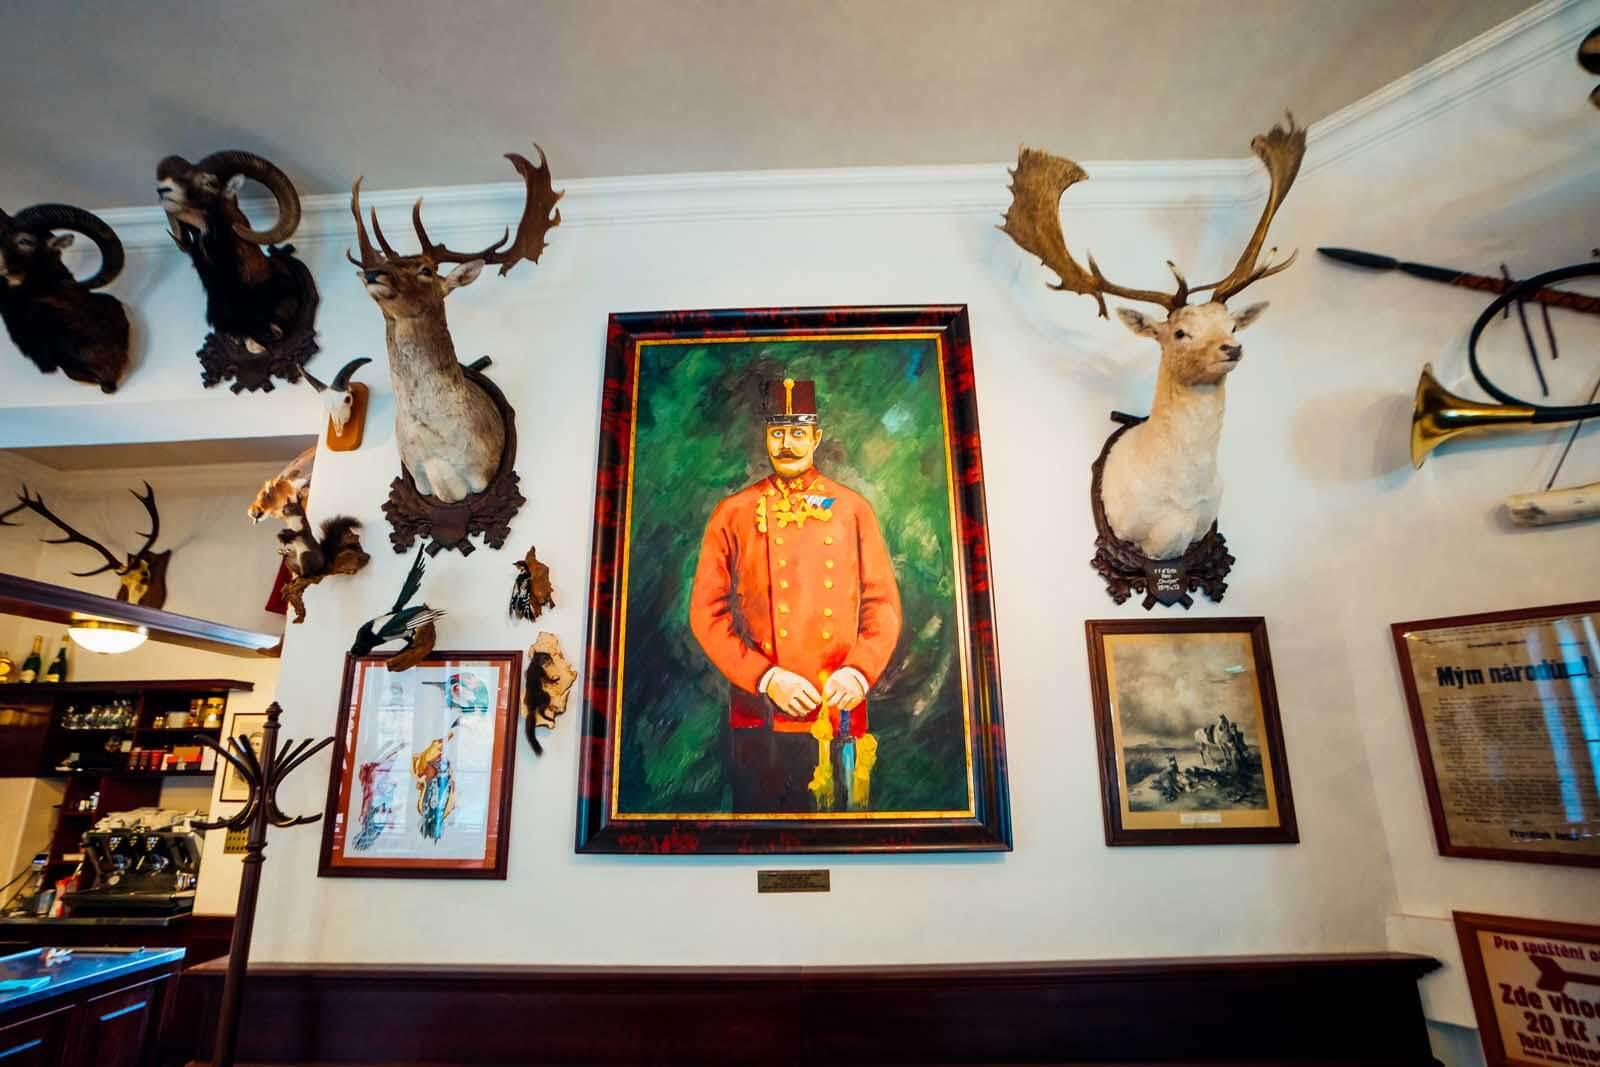 Stará Myslivna restaurant Franz Ferdinand Portrait in Konopiste